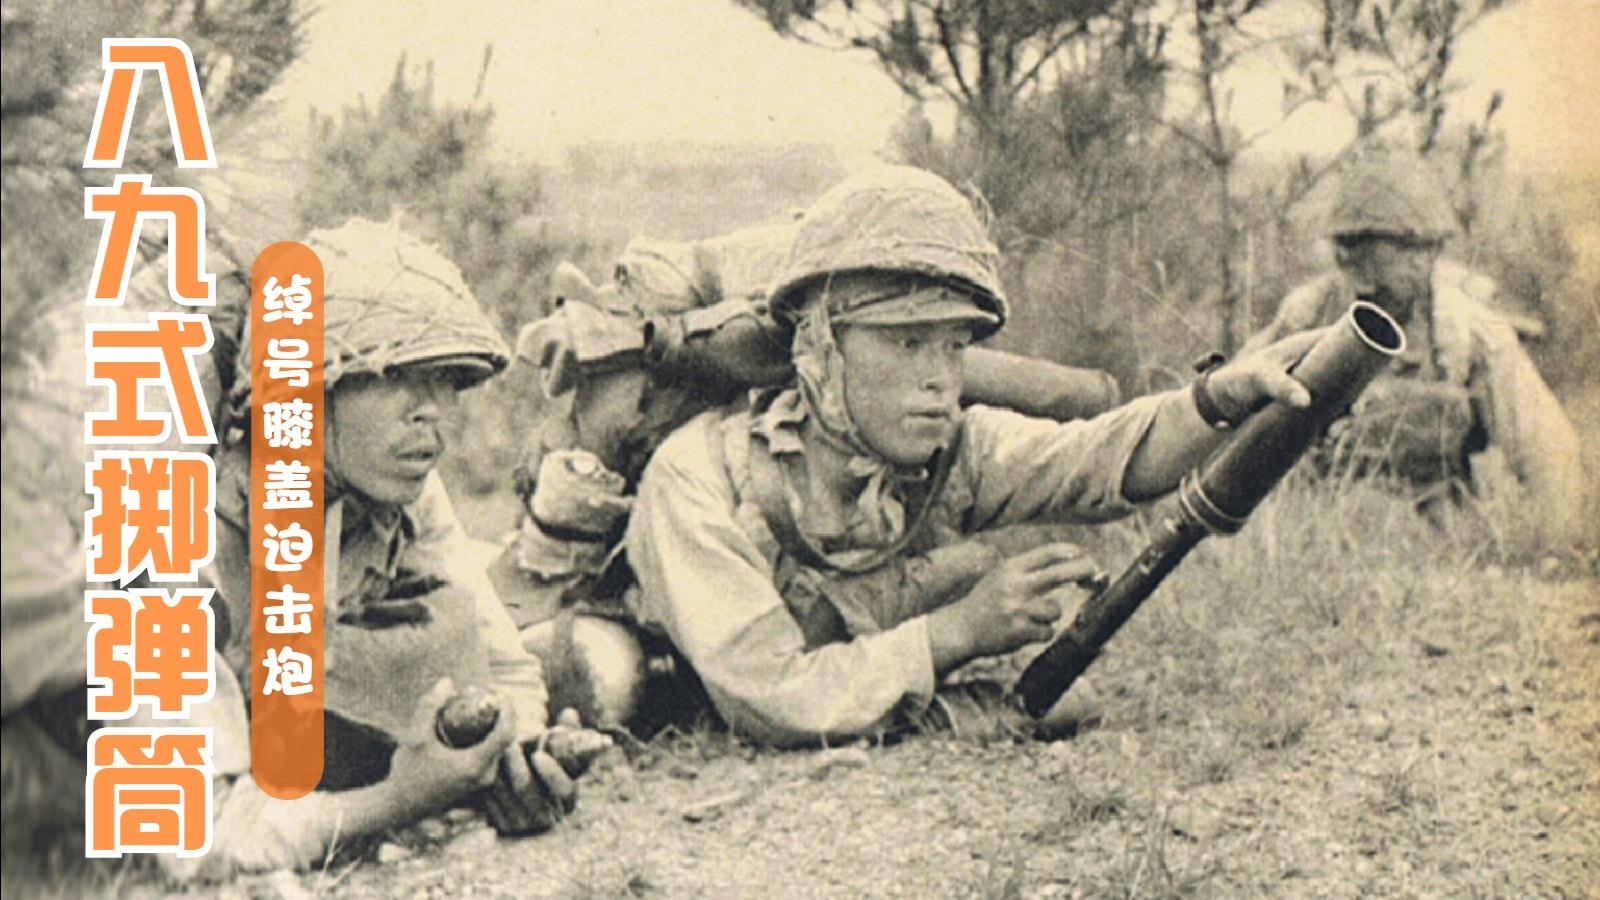 【讲堂570期】二战日本89式掷弹筒,被美军称为膝盖迫击炮,曾把士兵大腿骨震碎